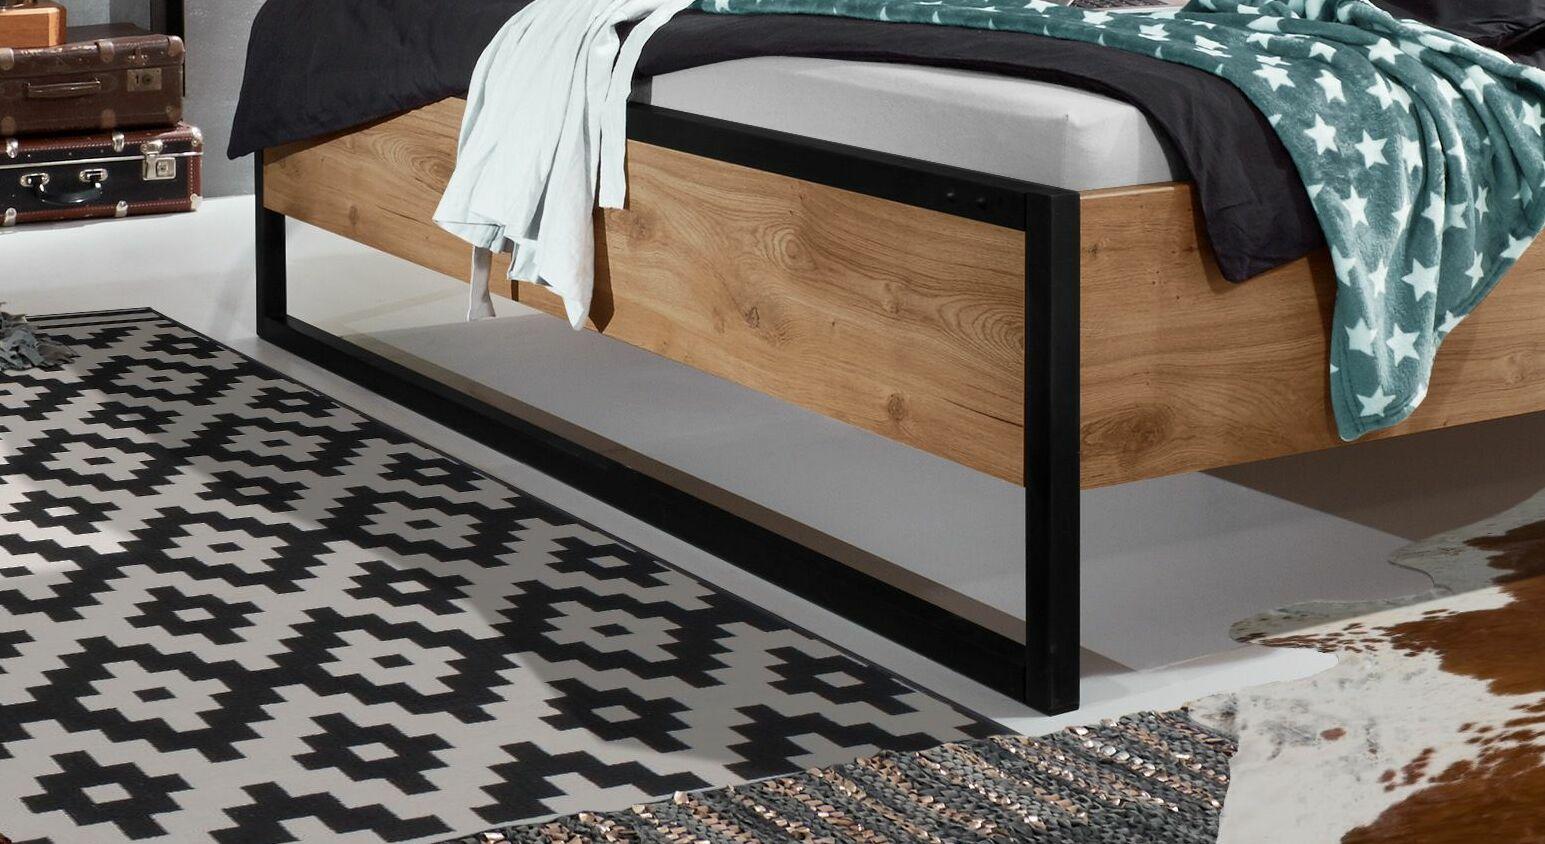 Bett Lakewood mit stylischen Metallkufen als Bettbeine